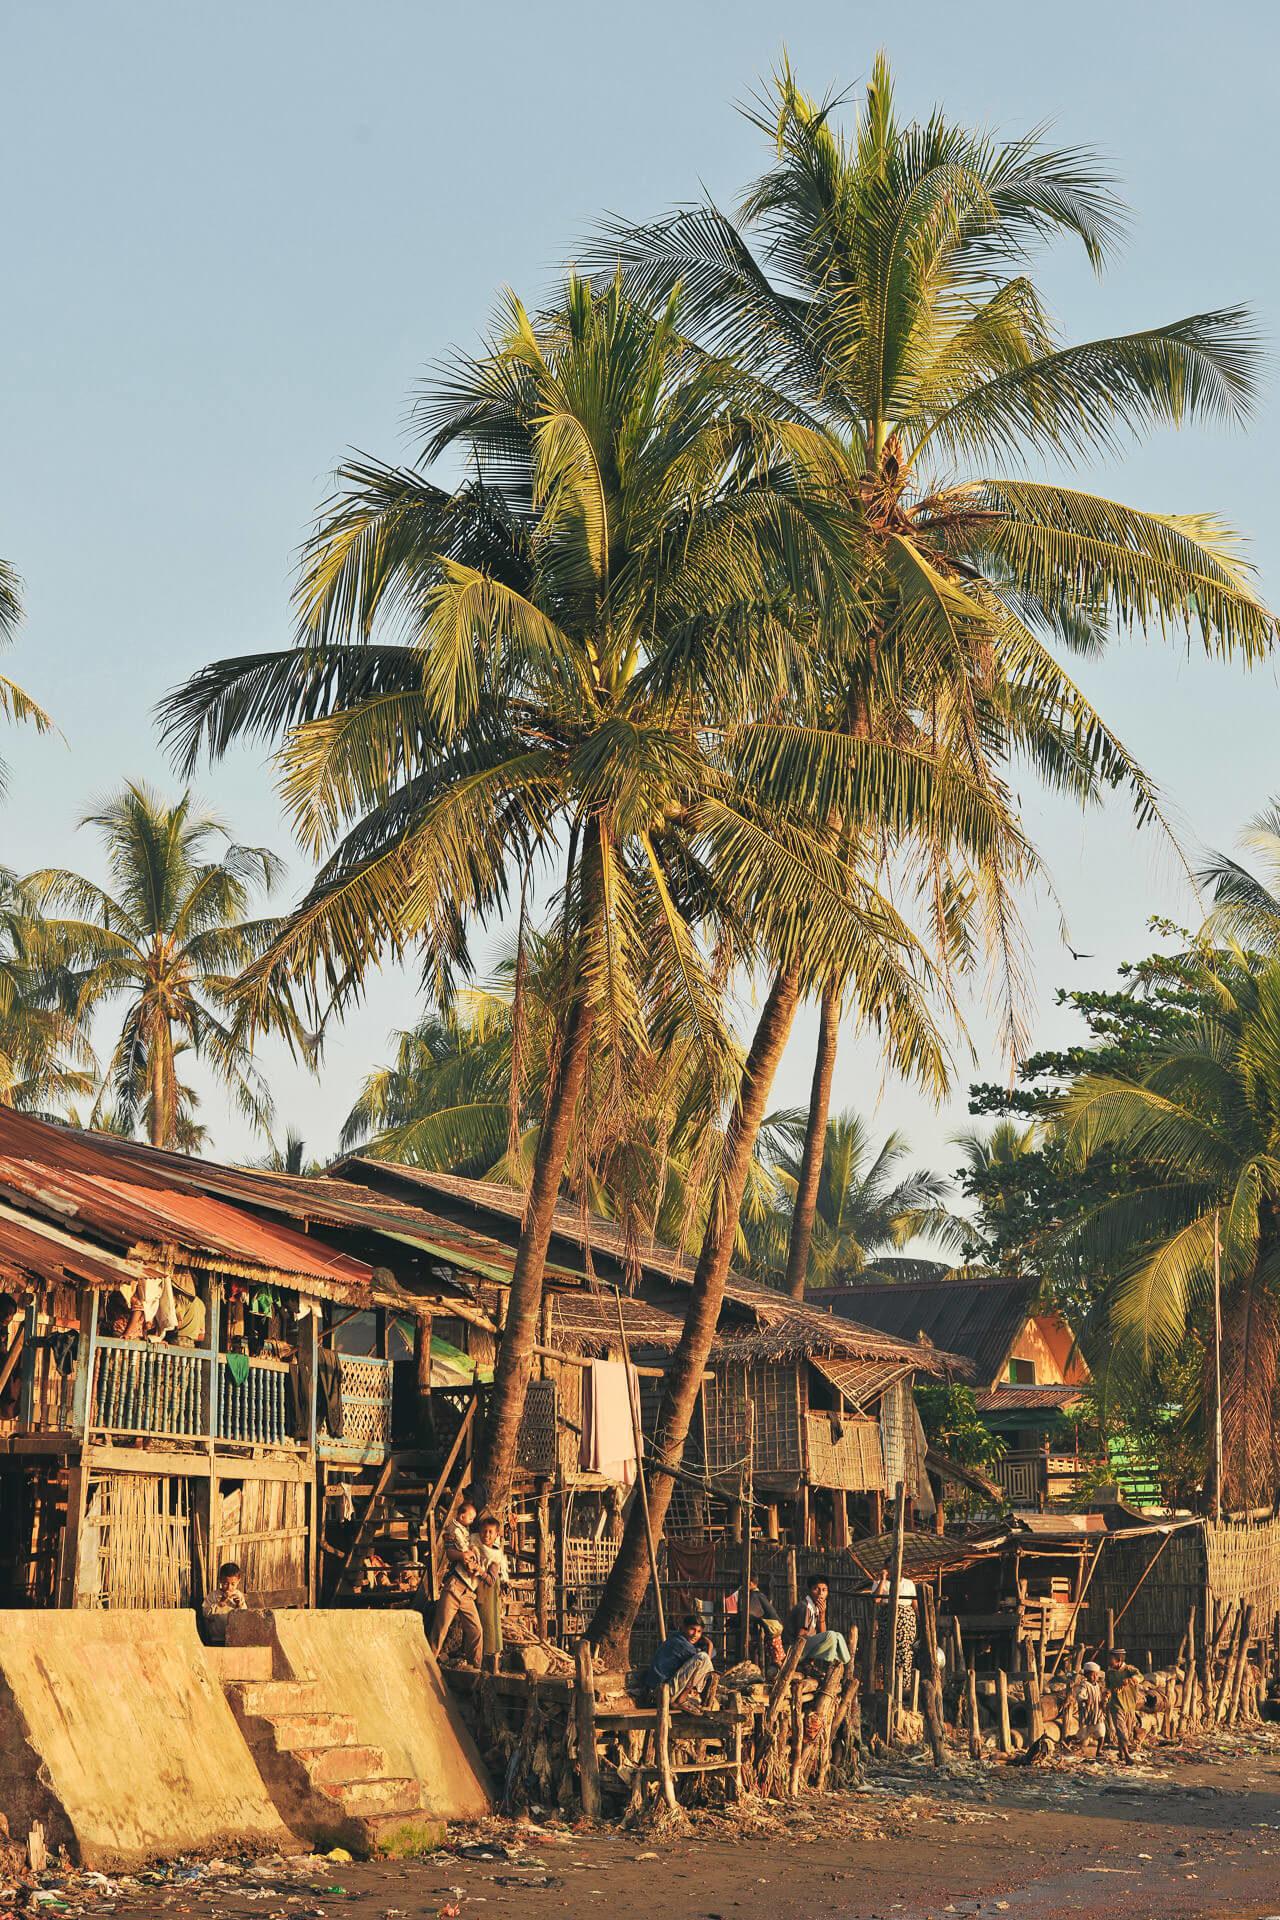 Palmen Häuser Fotostory von Redeleit und Junker - Kinder und Hütten